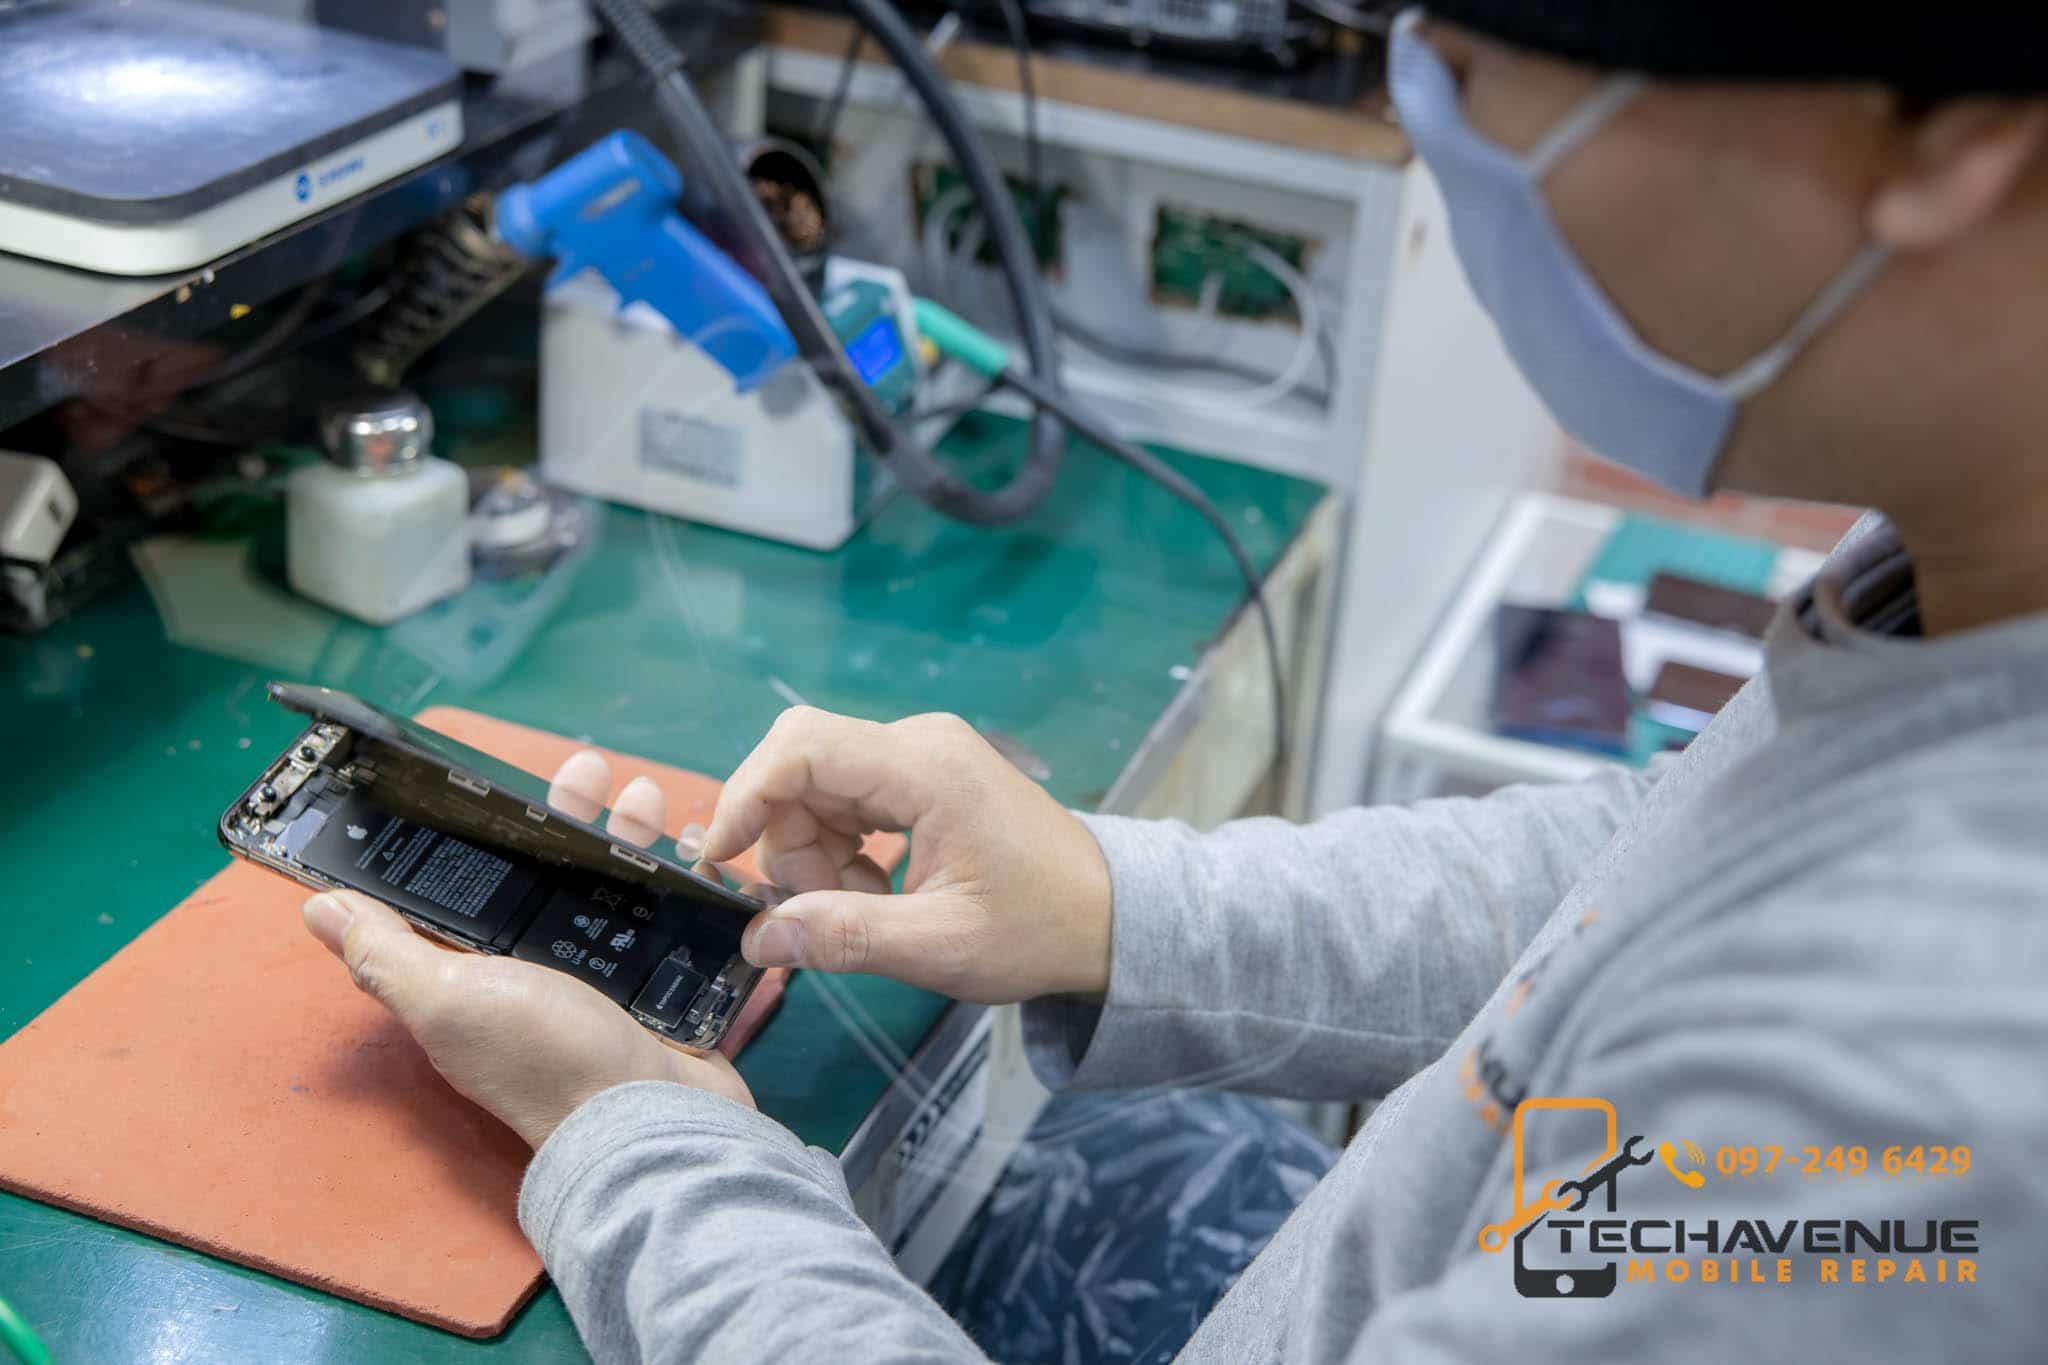 มือถือ iPhone ไอโฟน XS Max บอดี้แตก ซ่อมร้านไหนคุ้มสุด 🥇 ศูนย์ซ่อม โทรศัพท์มือถือ มือถือทุกรุ่น ทุกยี่ห้อ iPhone | Apple | Samsung | Huawei